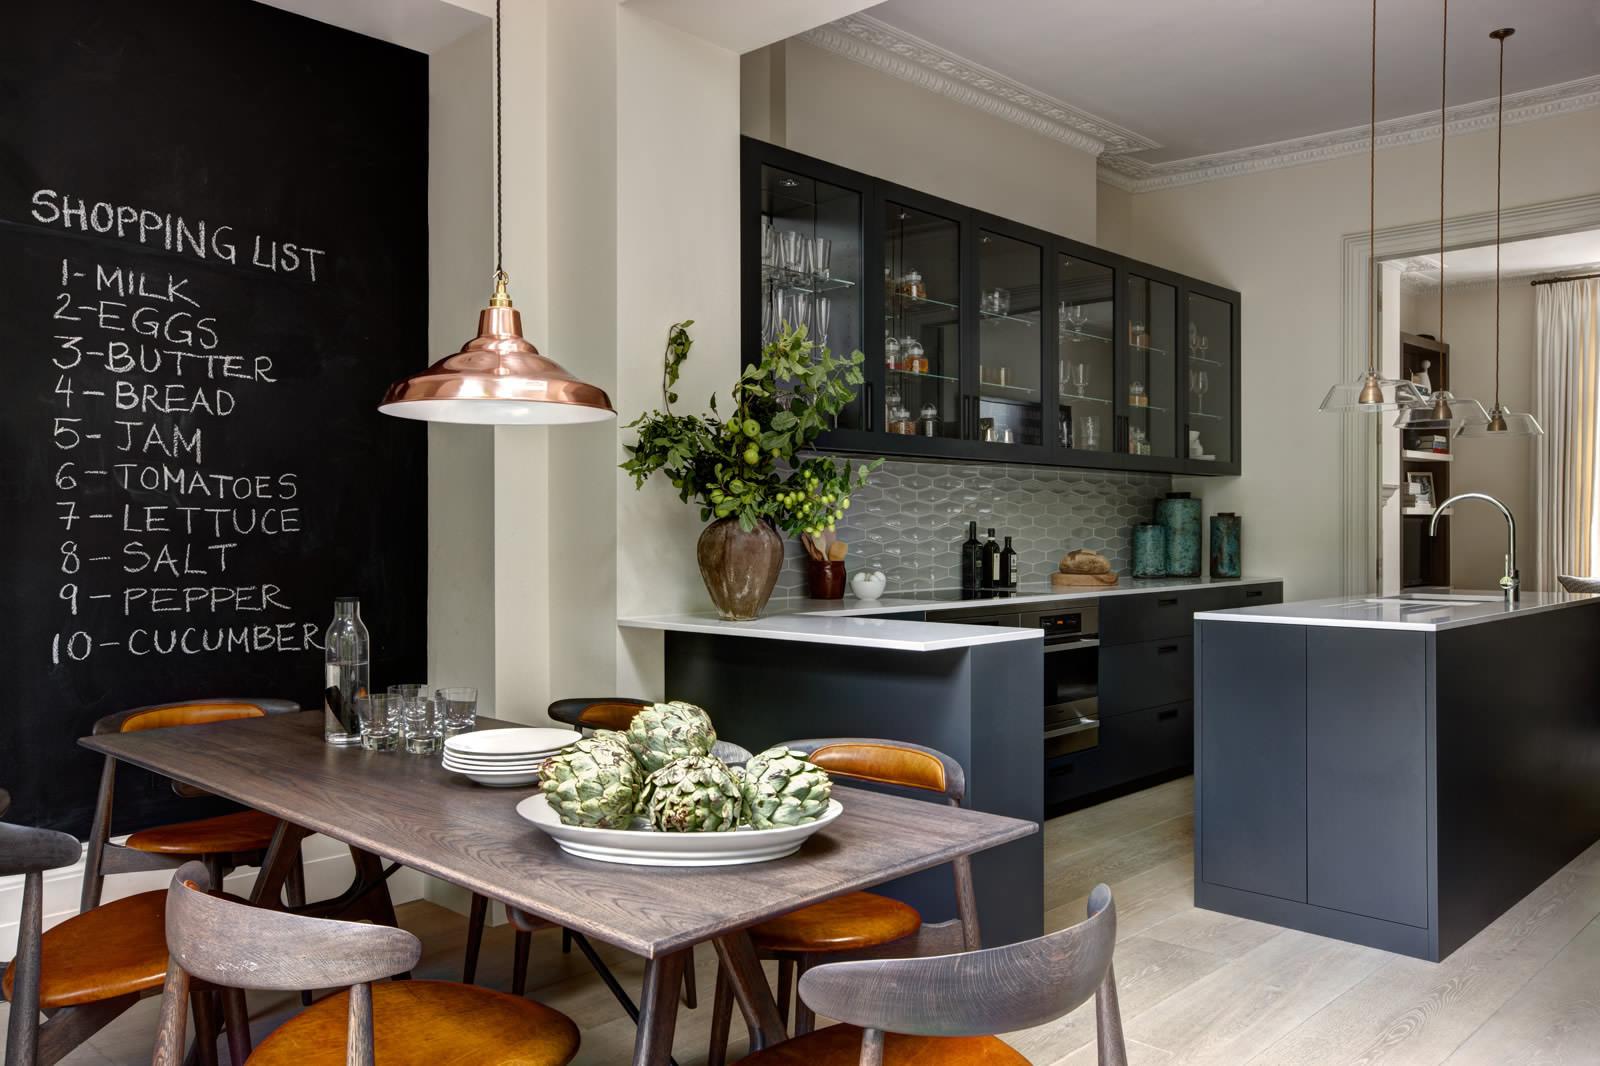 для того дизайн кухни в стиле кофейни фото приобщении